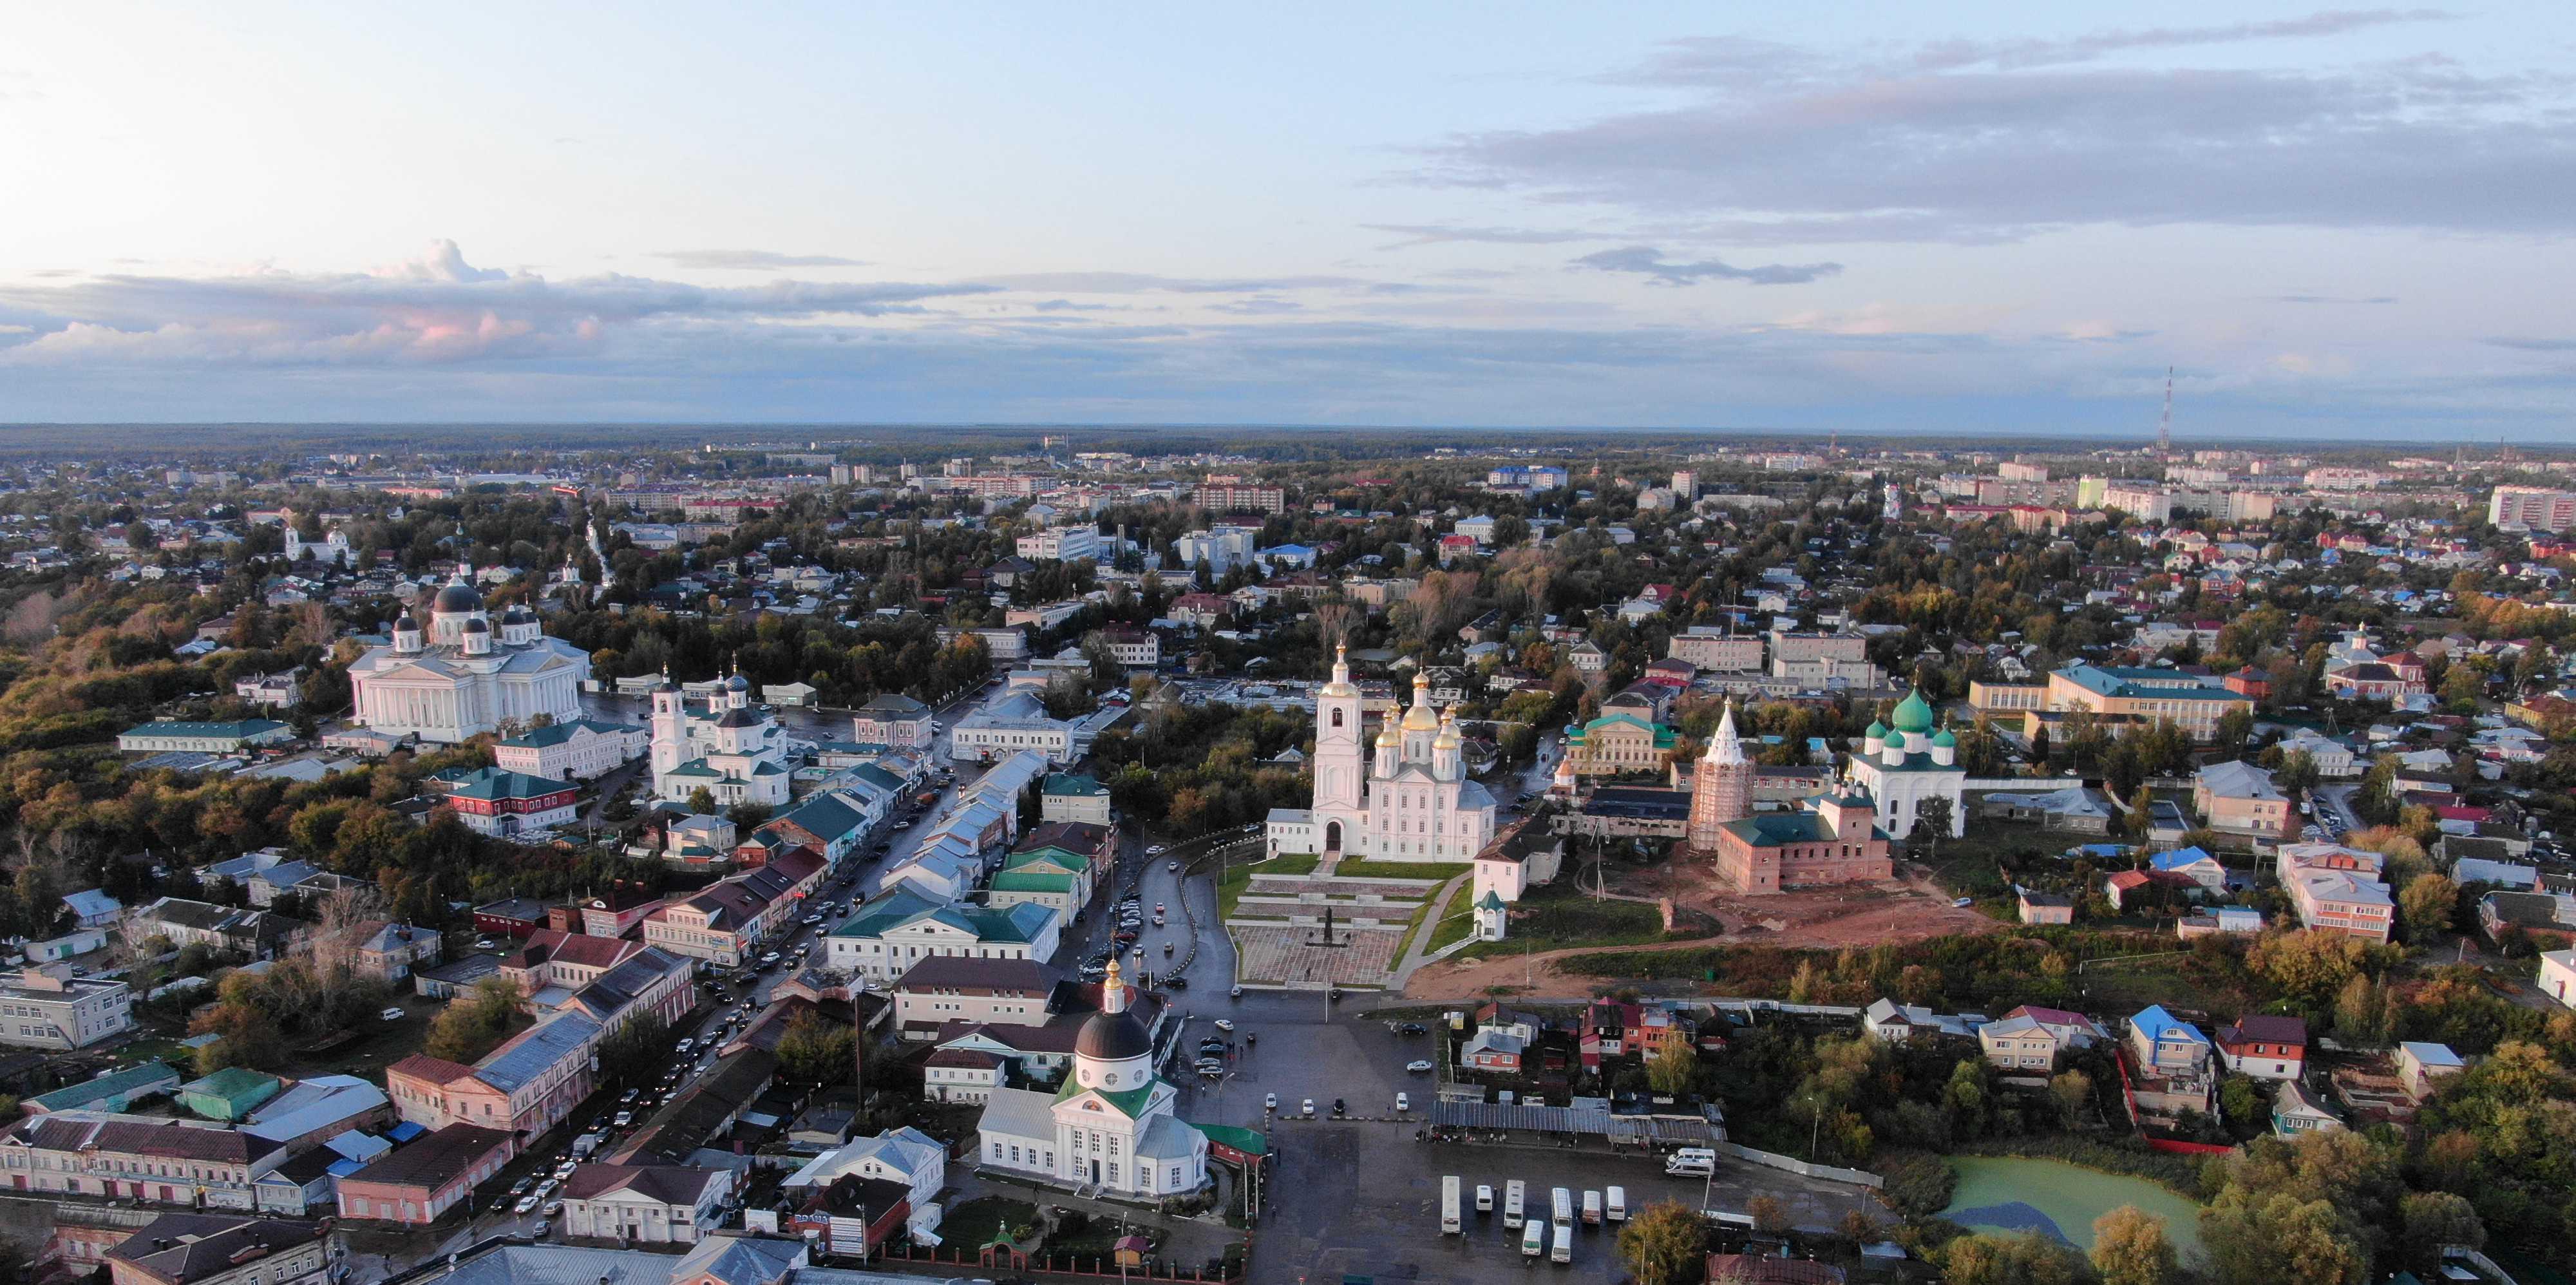 Арзамас и Саров примут участие в конкурсе «Малые города и исторические поселения» 2021 года